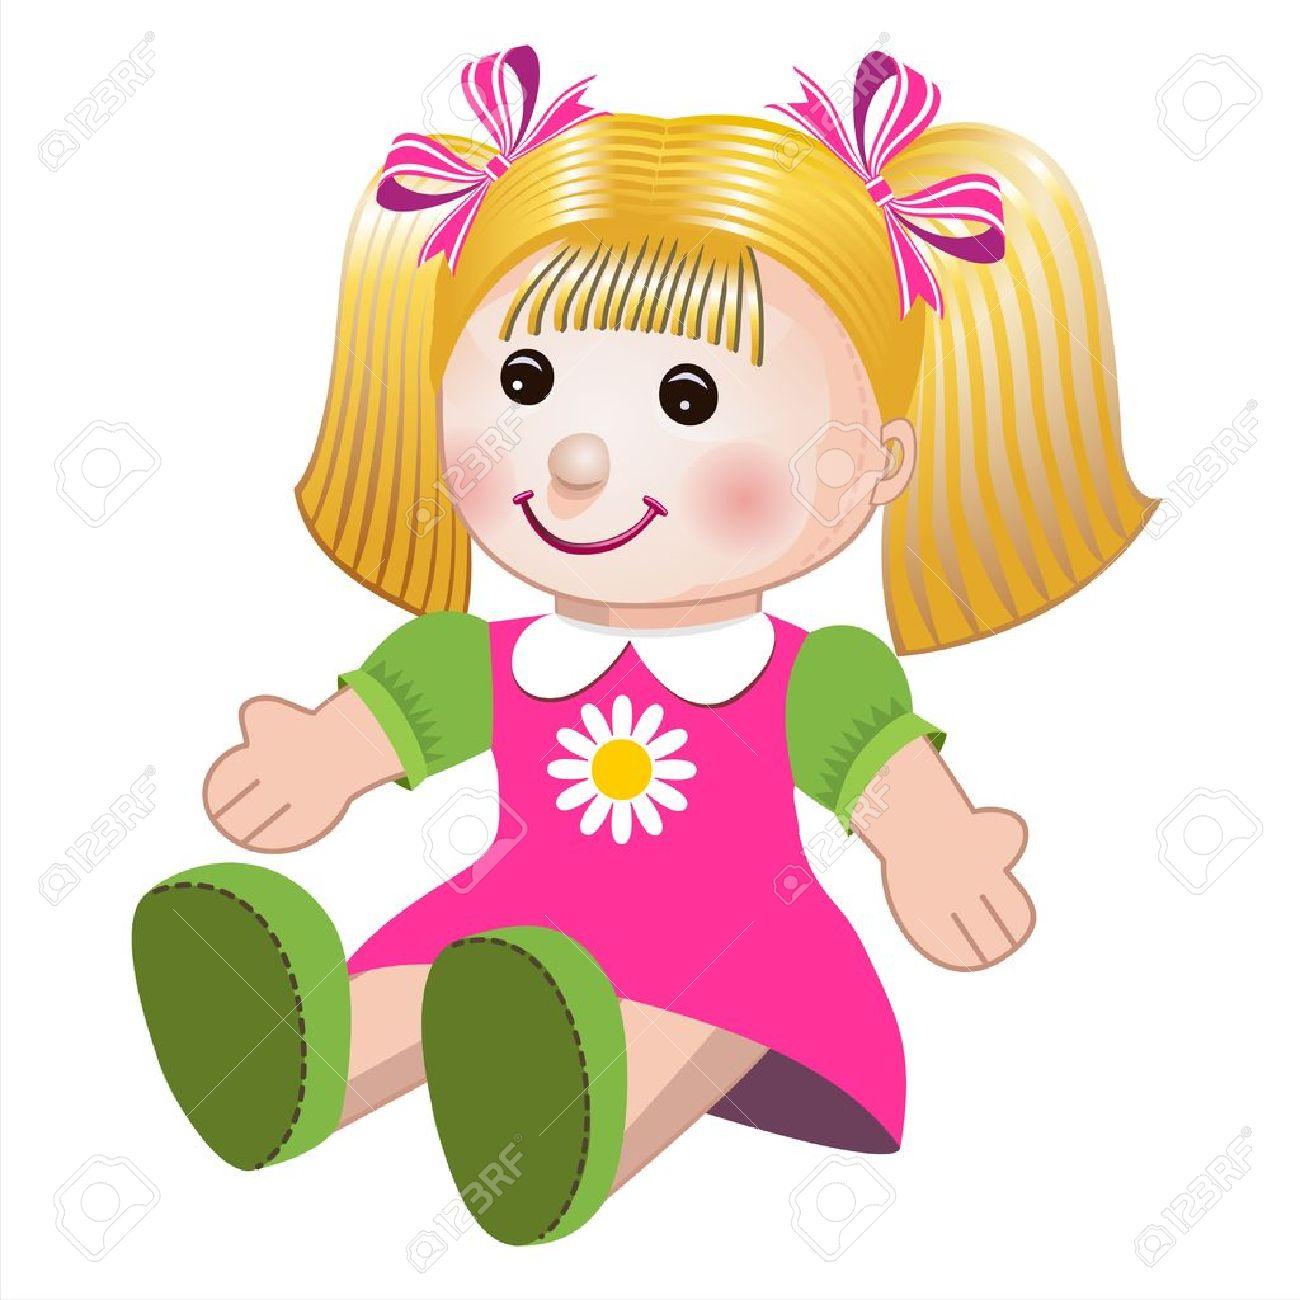 女の子の人形のベクトル イラストのイラスト素材ベクタ Image 10825224